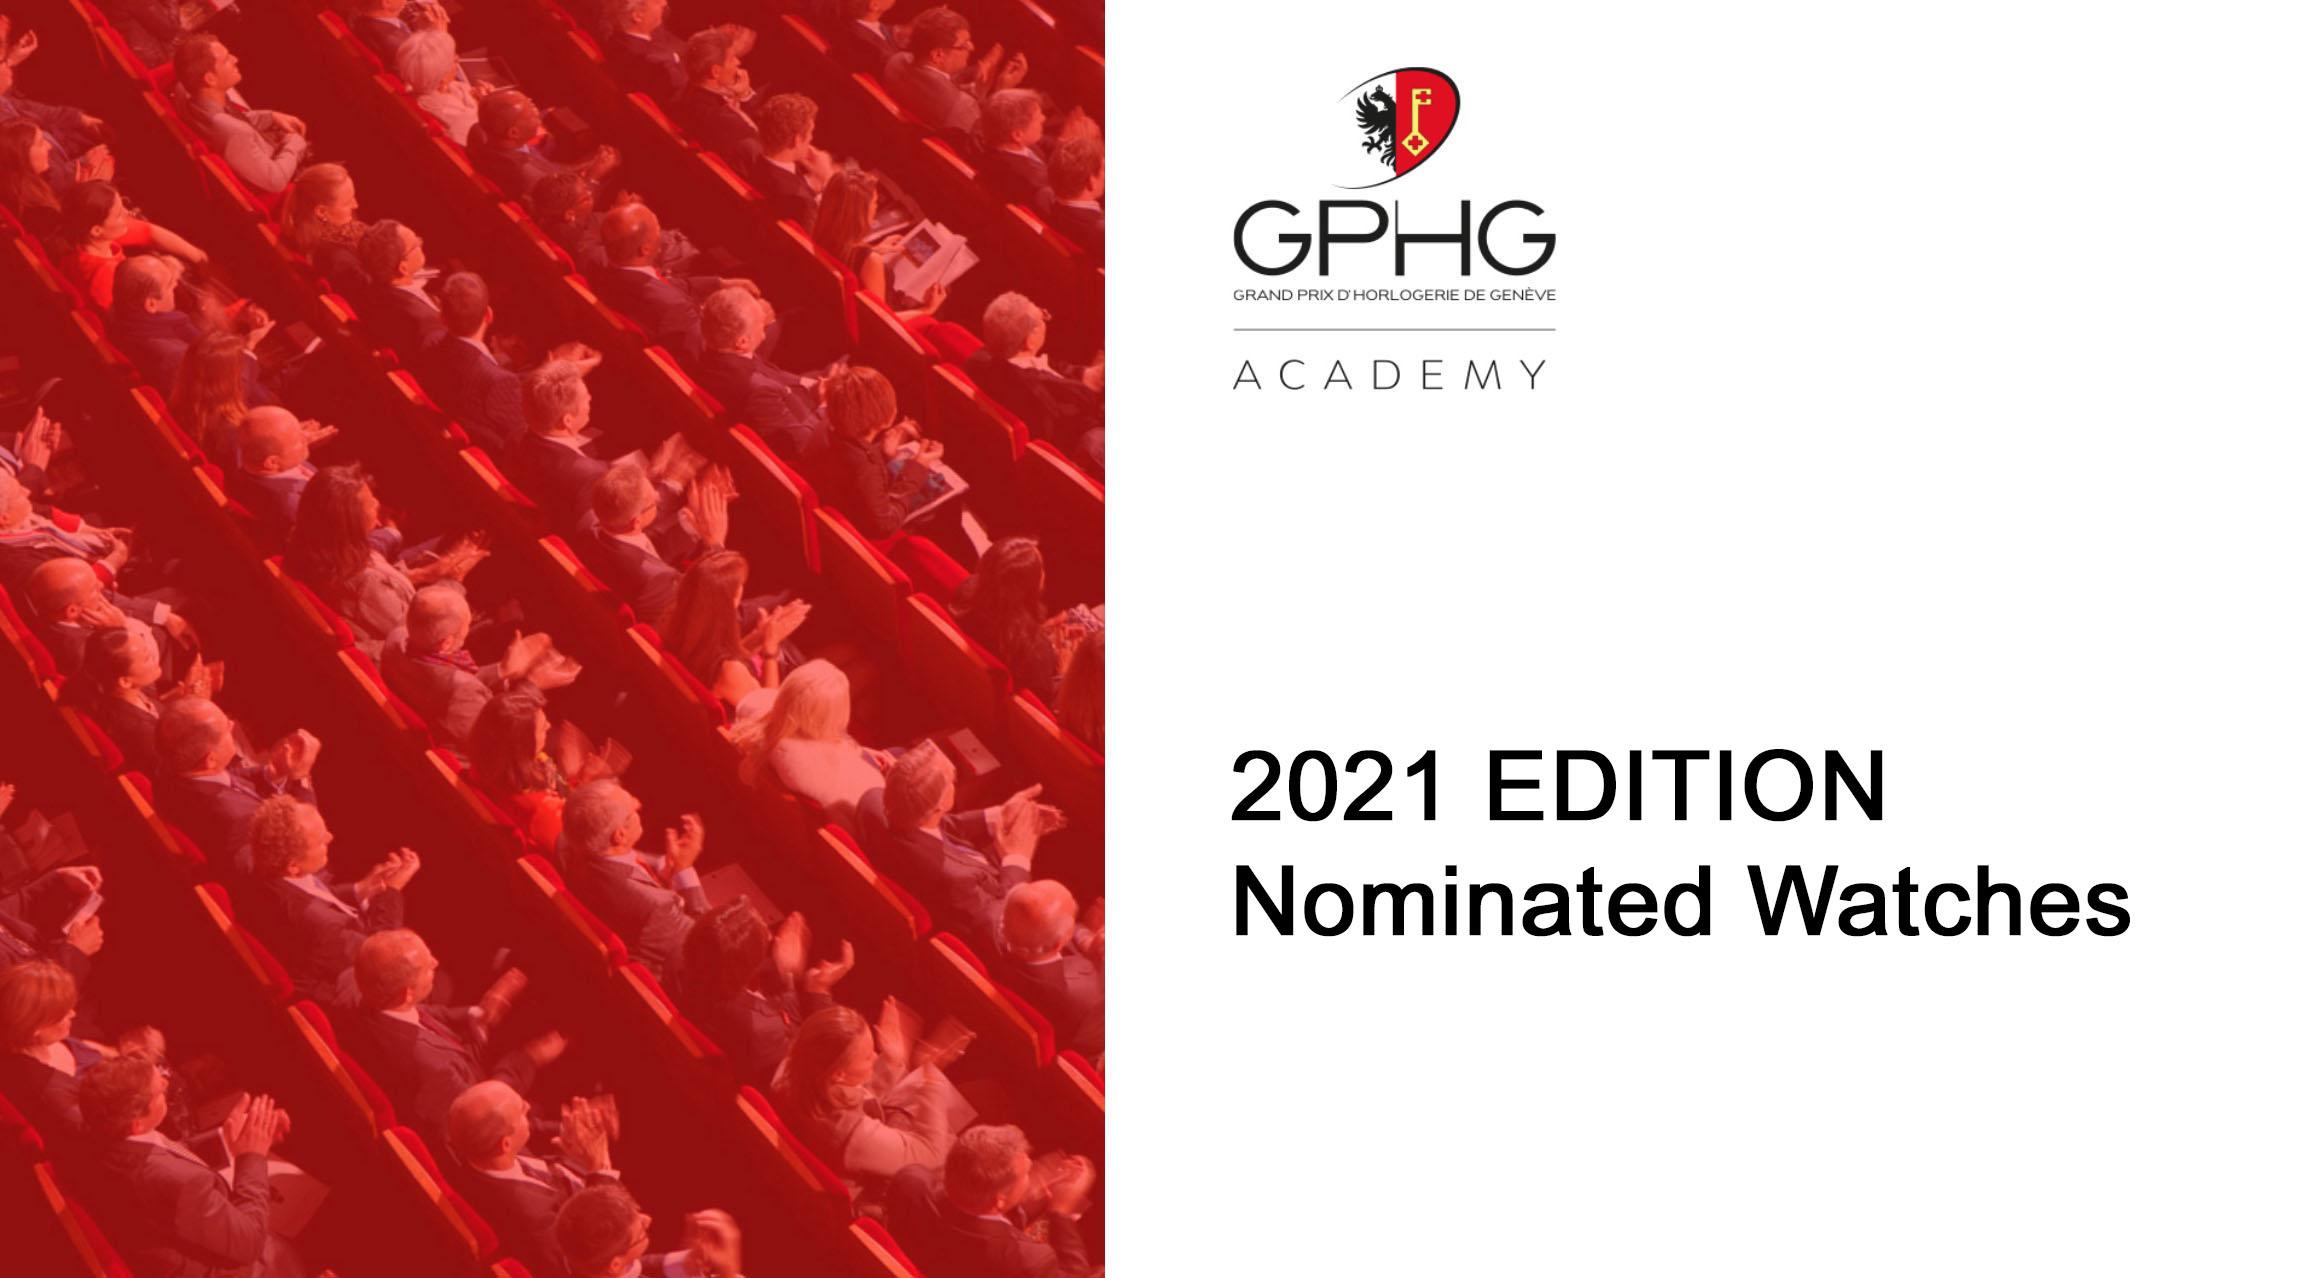 Grand Prix d'Horlogerie de Genève GPHG 2021 Nominated Watches